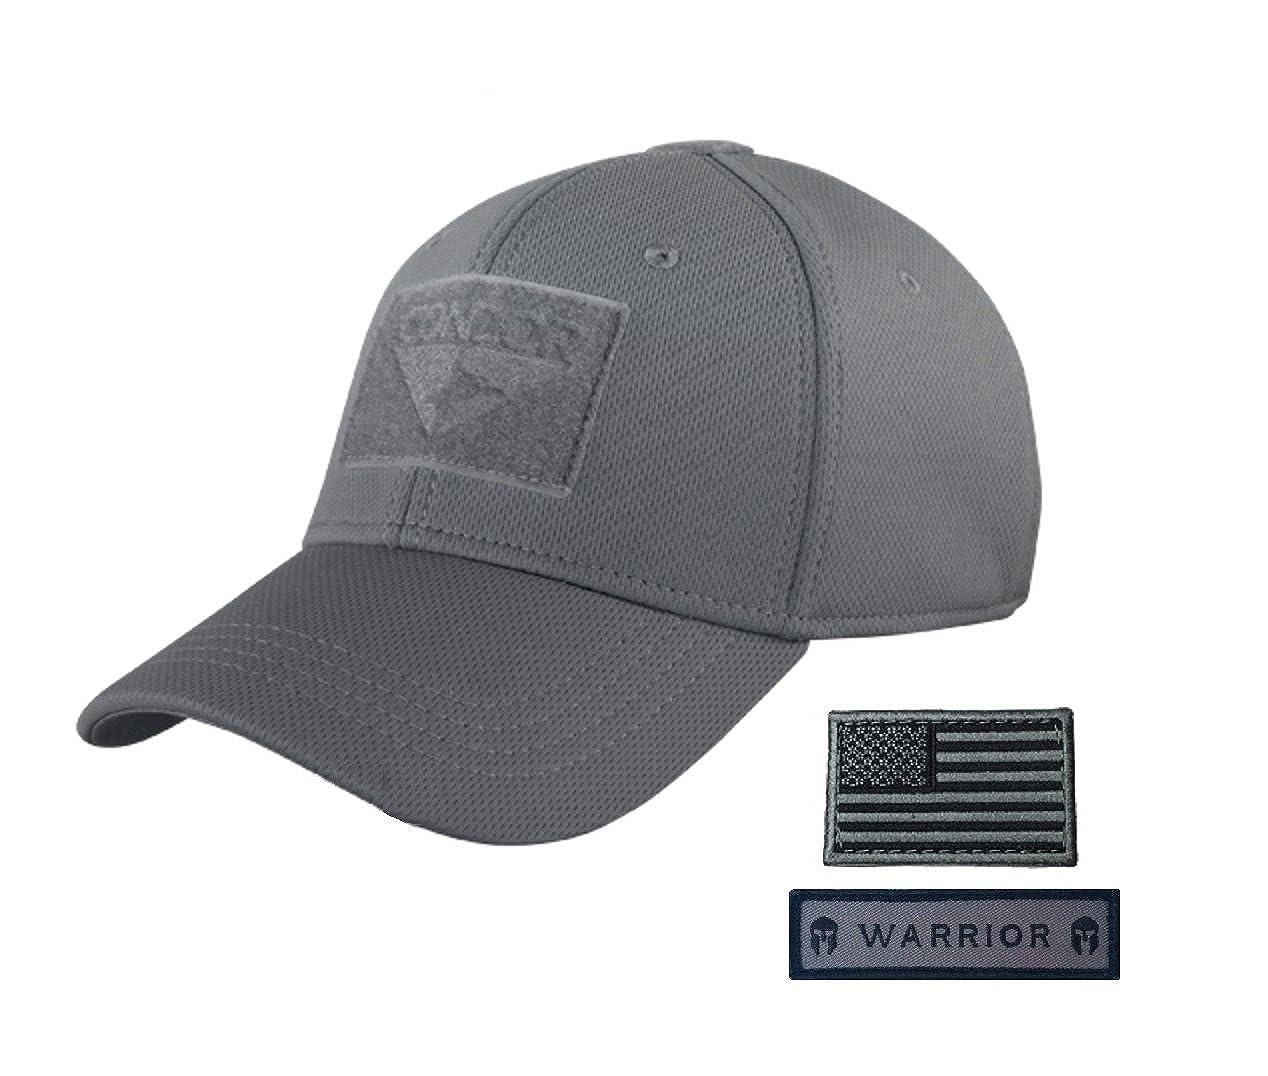 06529374072d5 Amazon.com  Condor Flex Tactical Cap (Large Extra Large